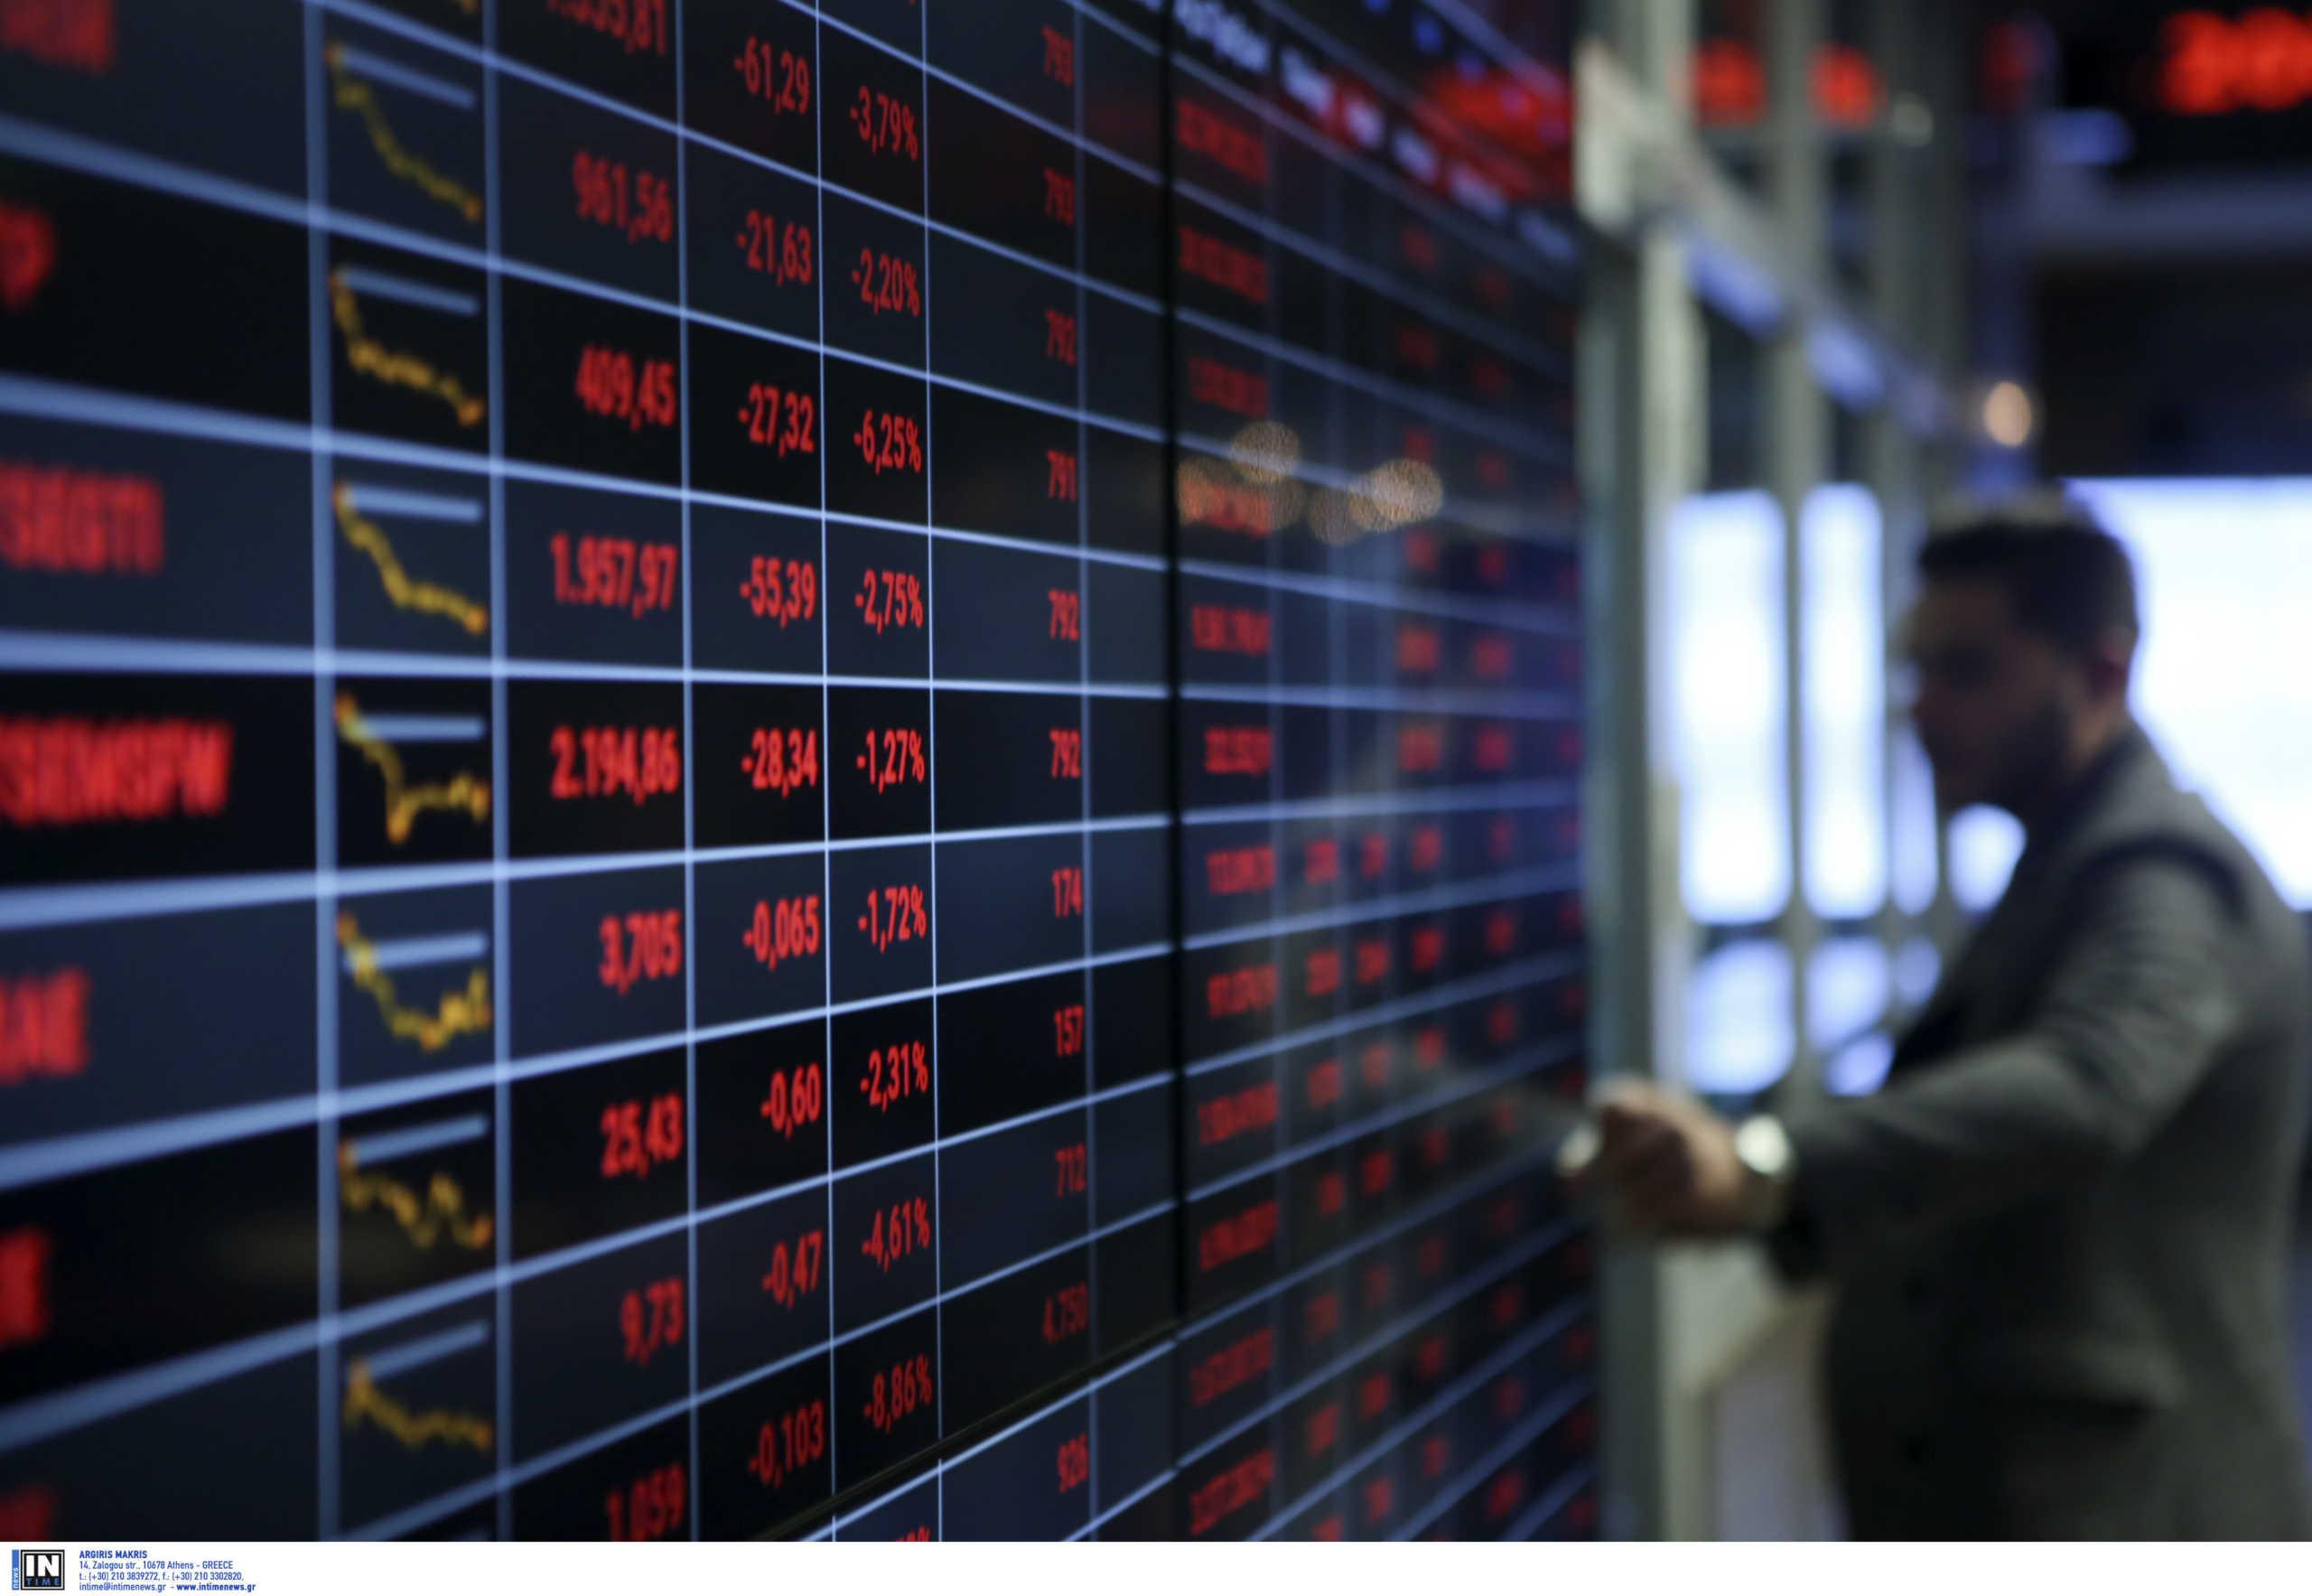 Χρηματιστήριο: Πτώση 0,48% και κάτω από τις 800 μονάδες ο Γενικός Δείκτης